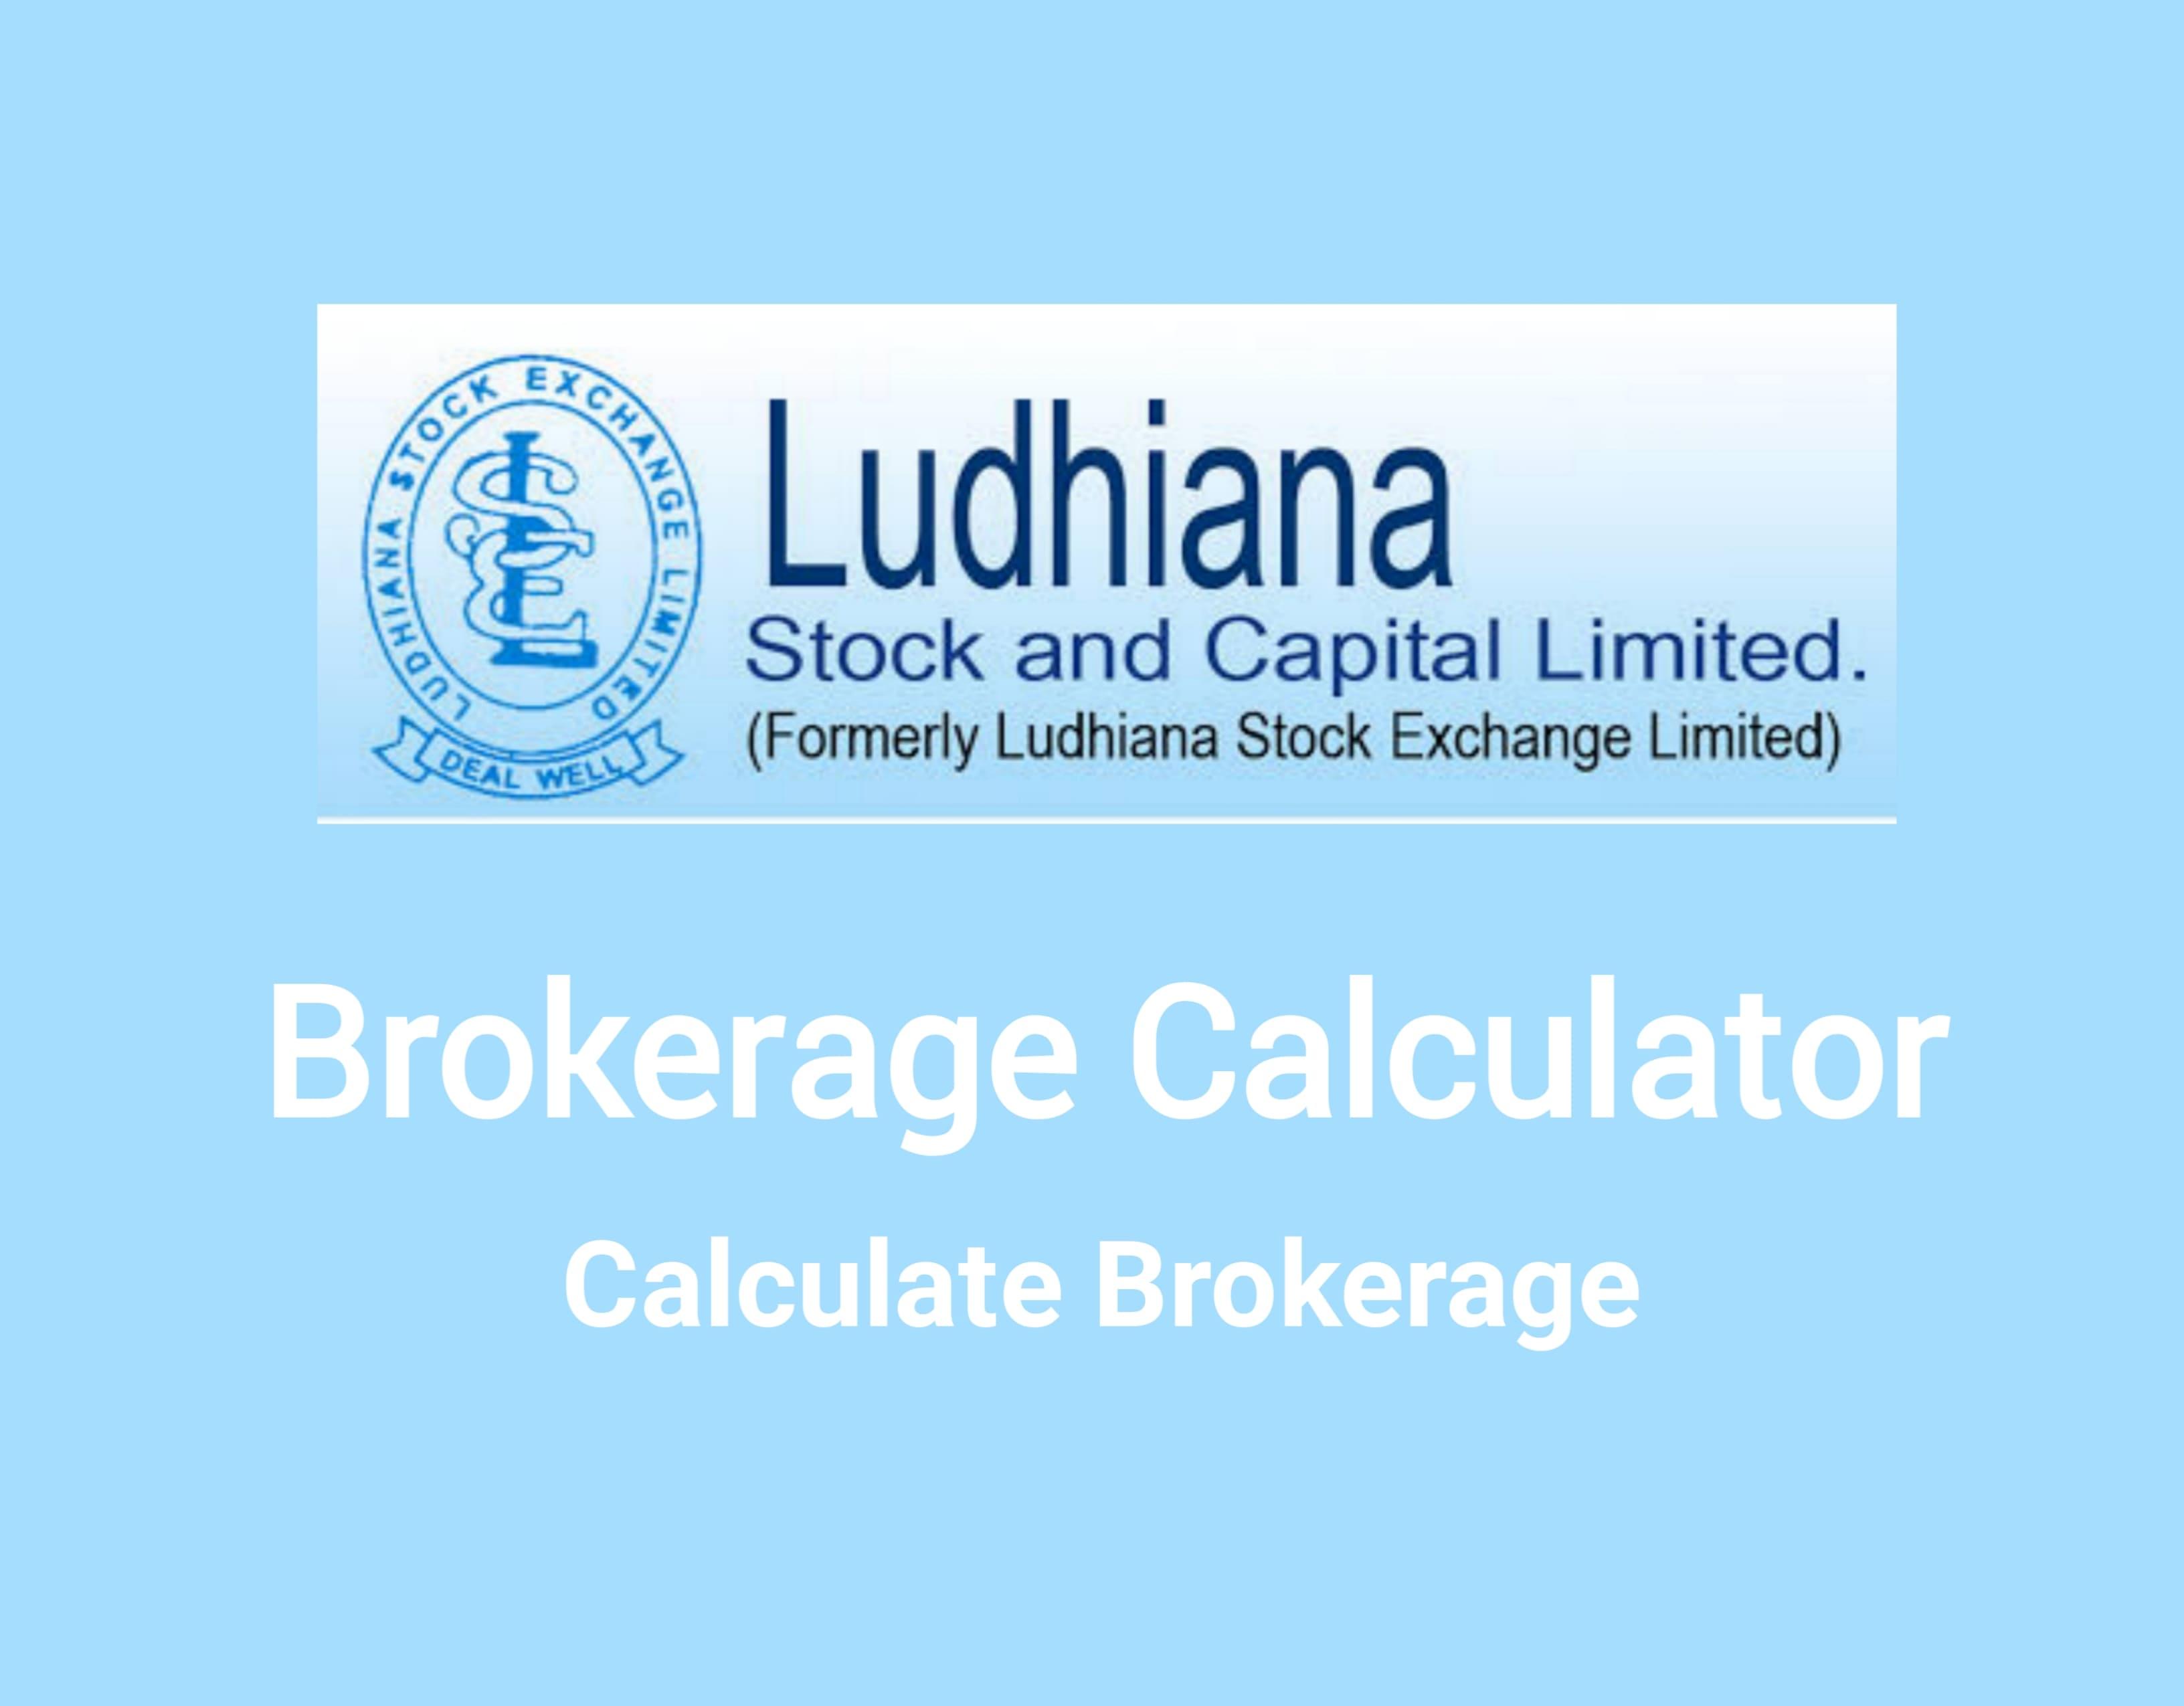 Ludhiana Brokerage Calculator